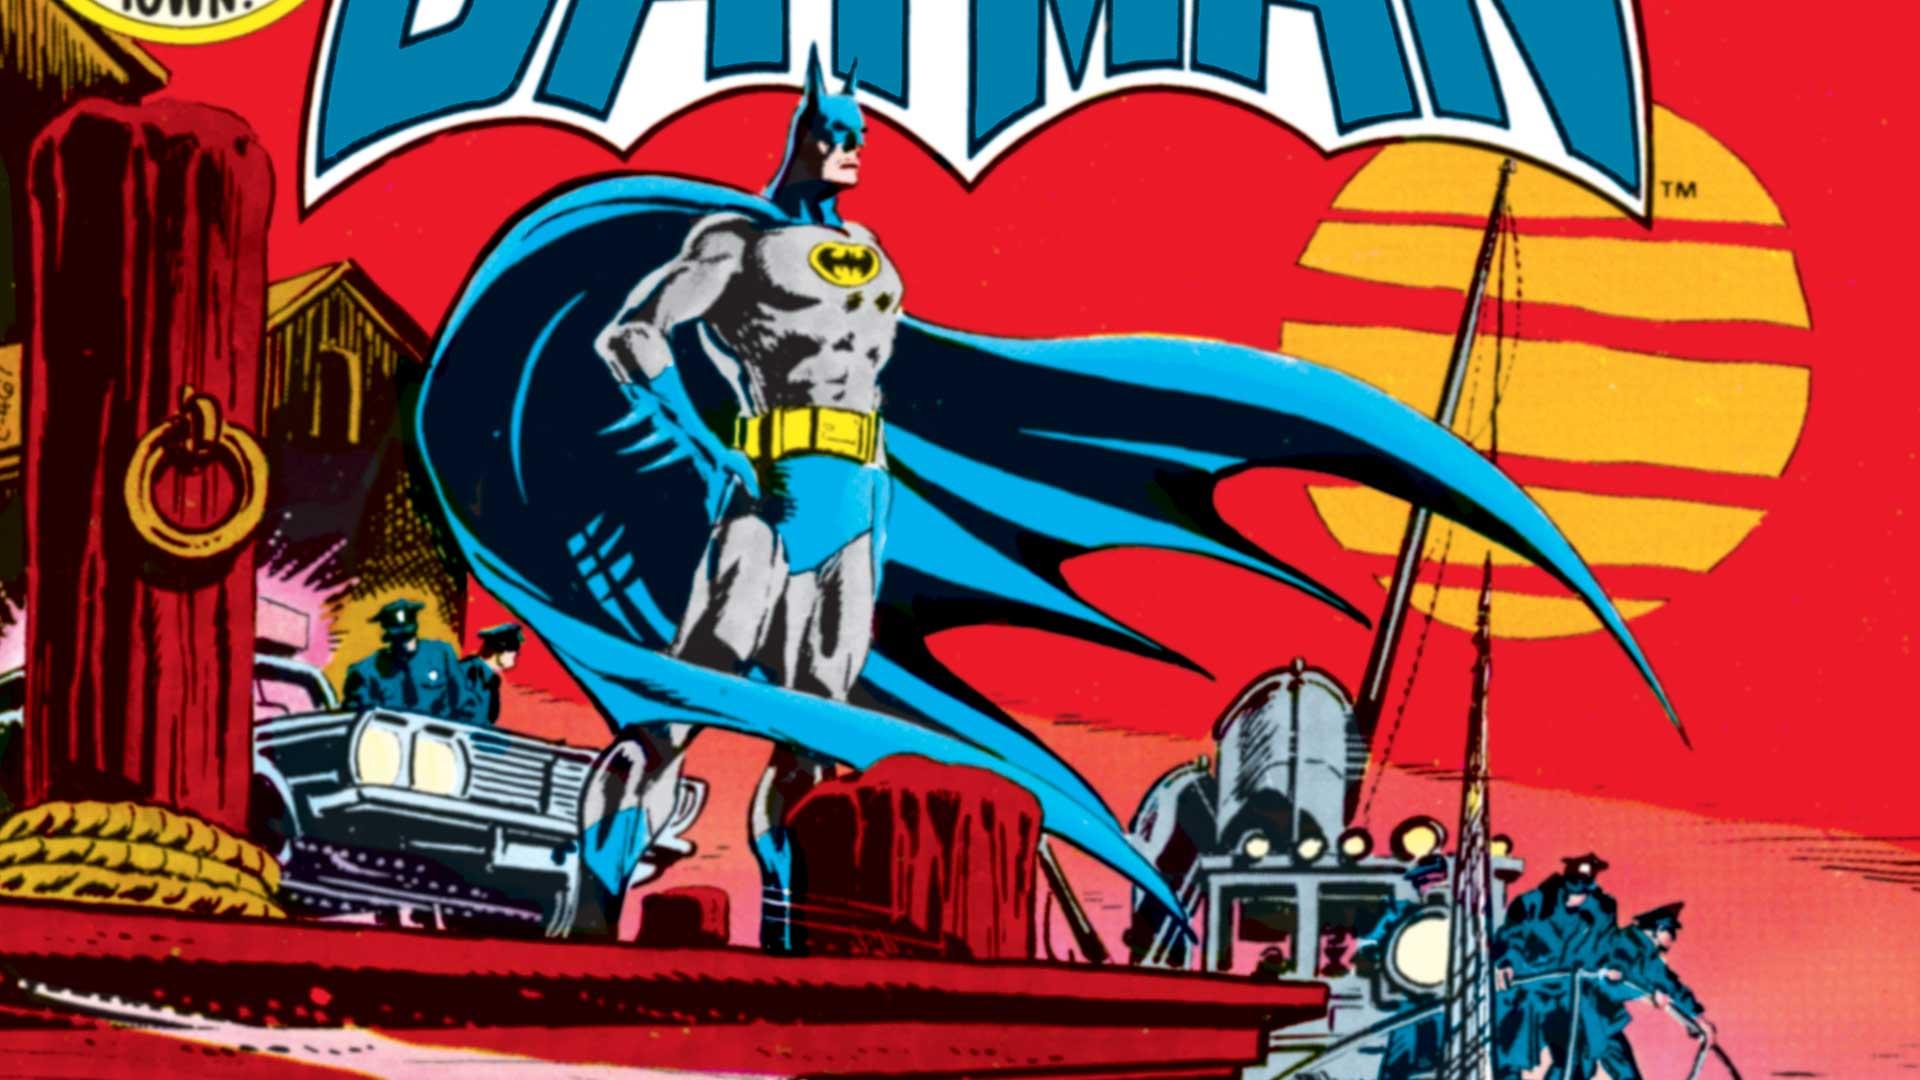 Jim Aparo Batman.jpg